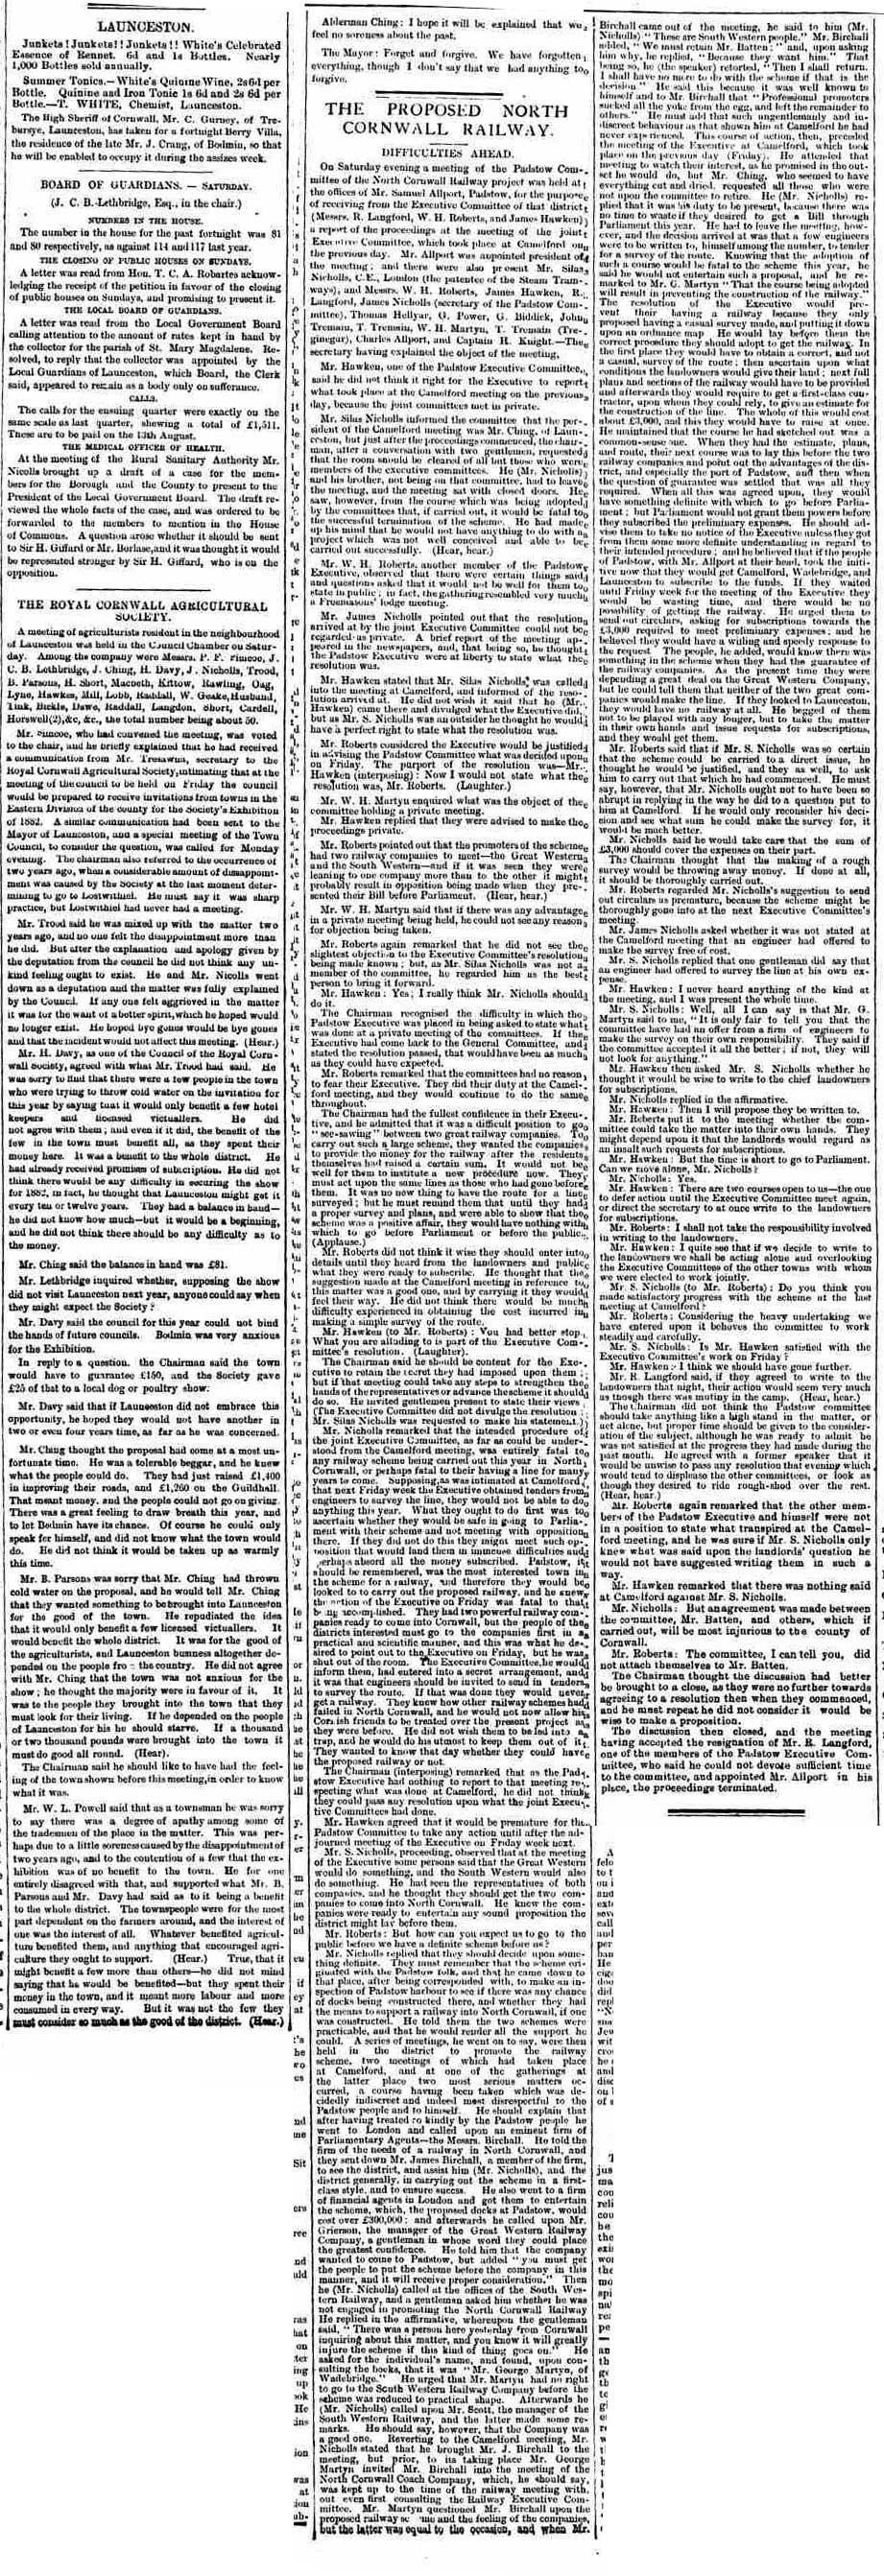 23 July 1881